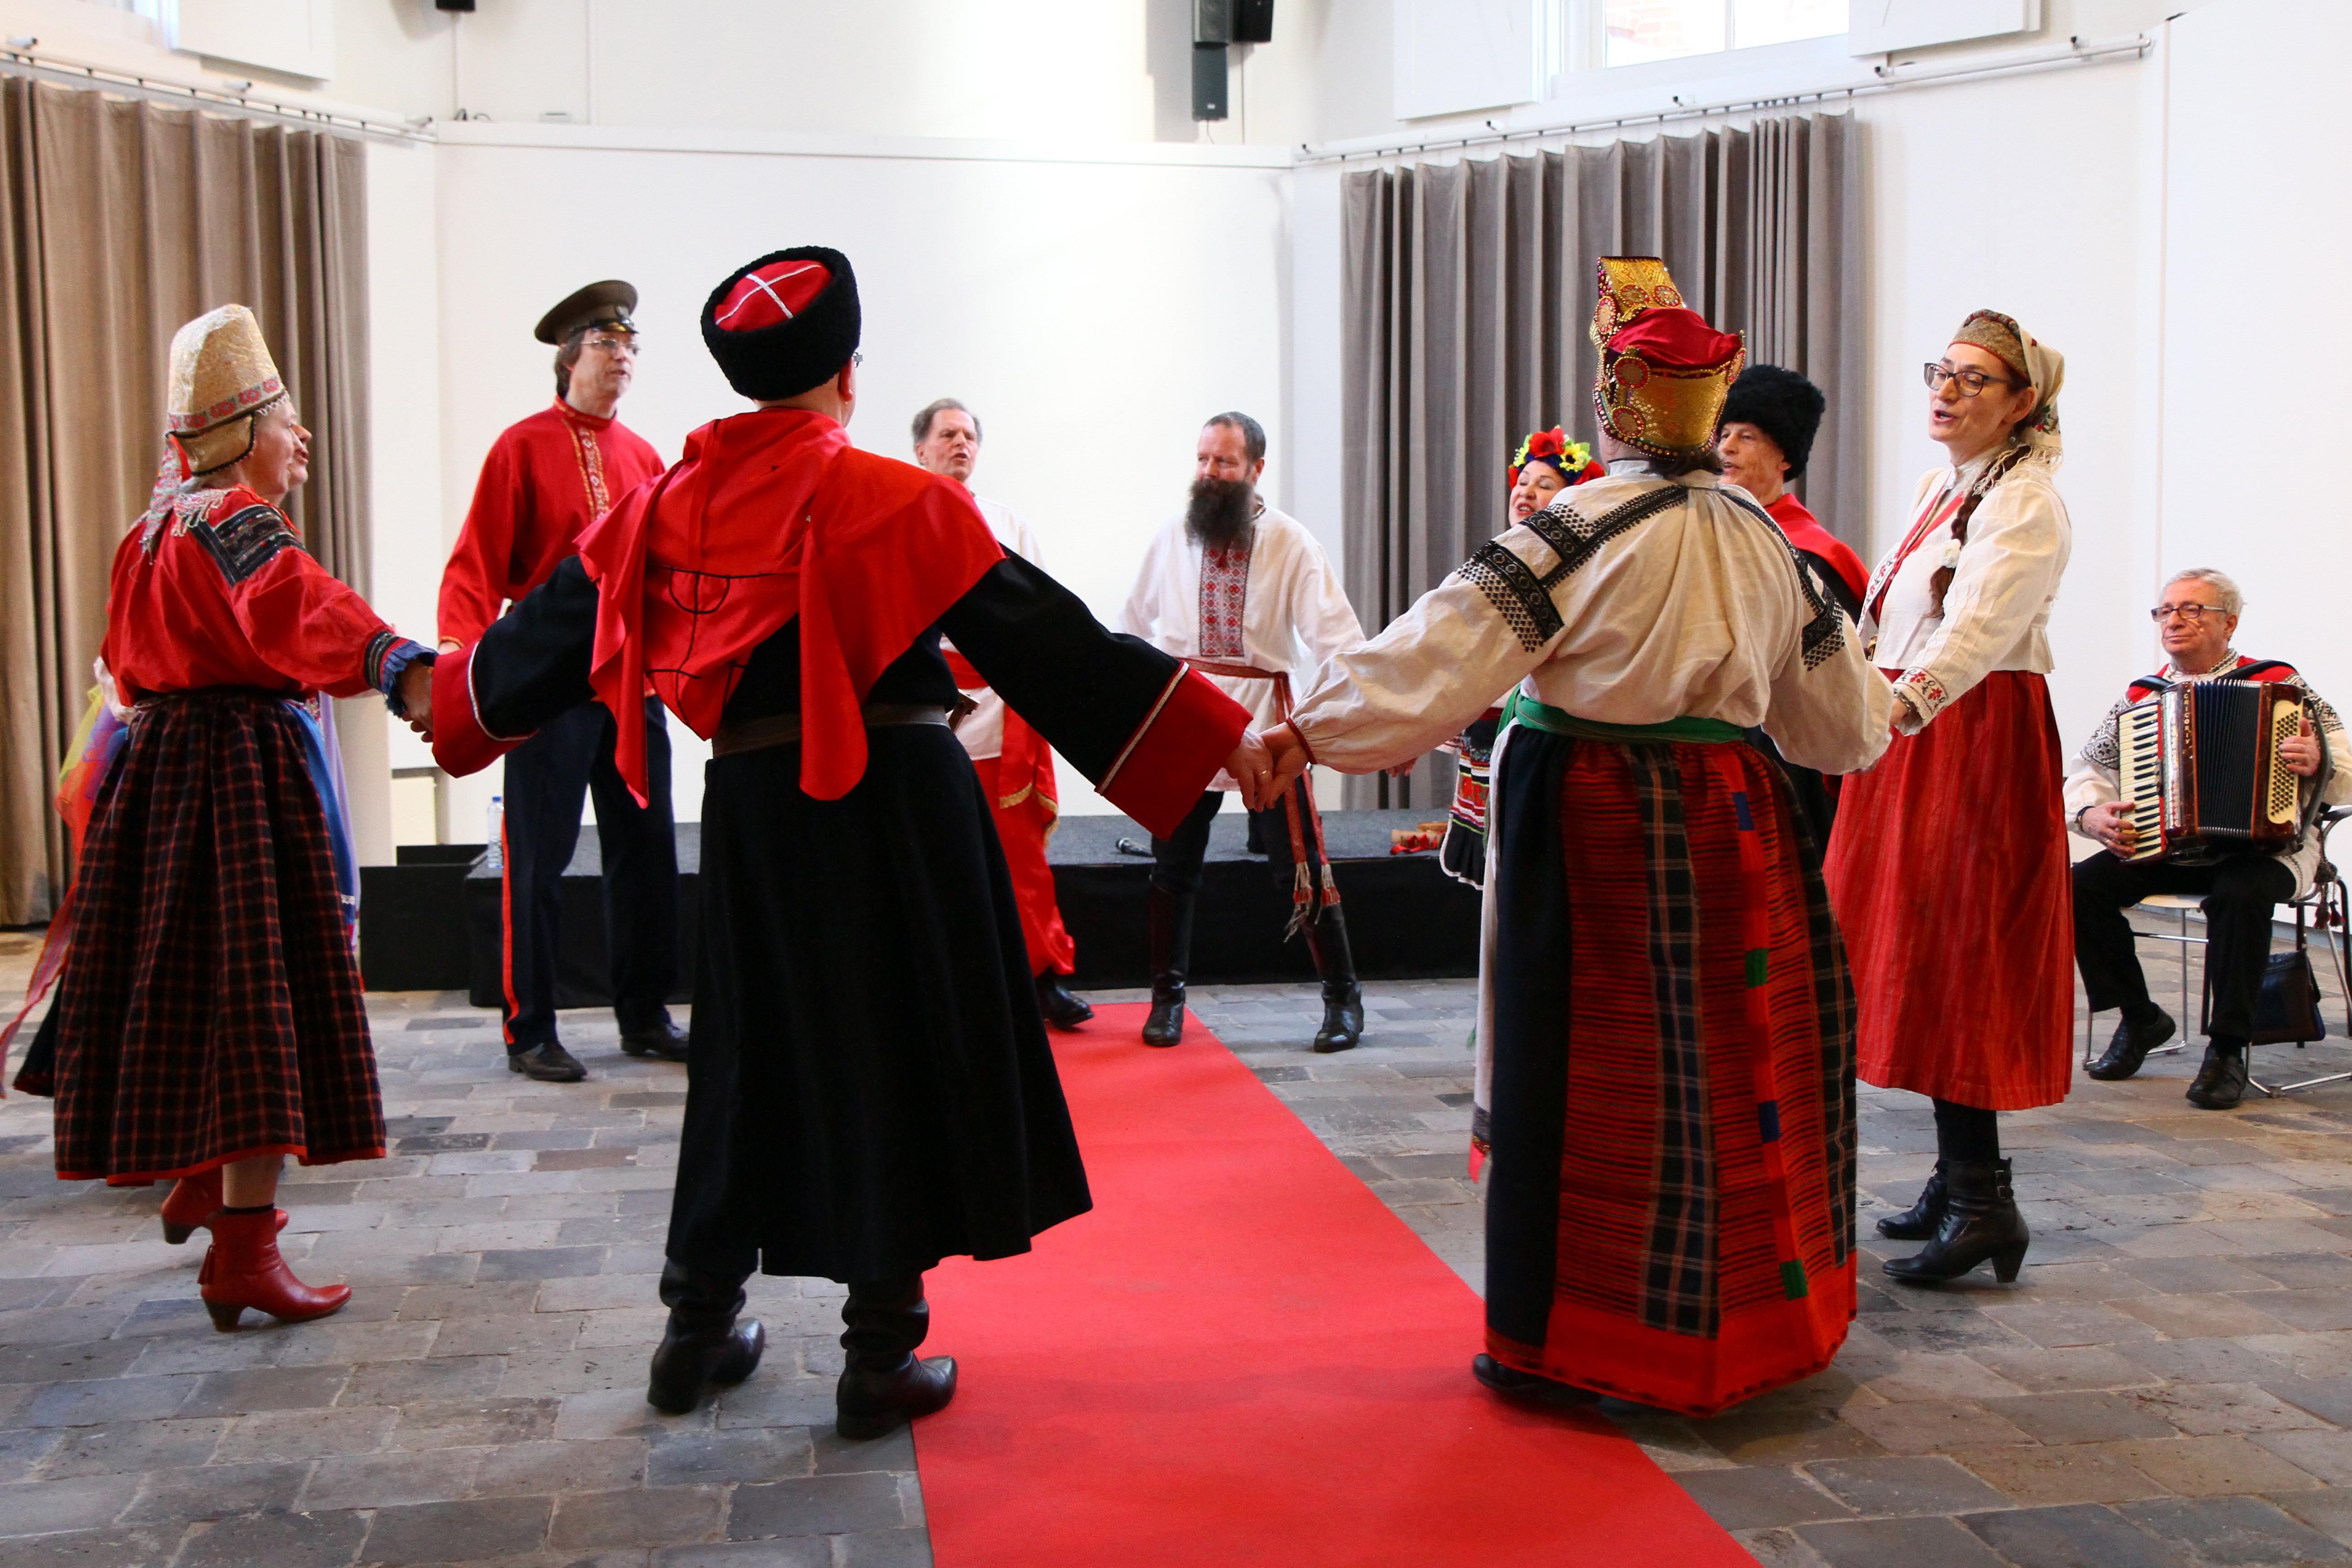 Zarjanka zingt en danst in Drents museum. foto: J. Koldewijn.